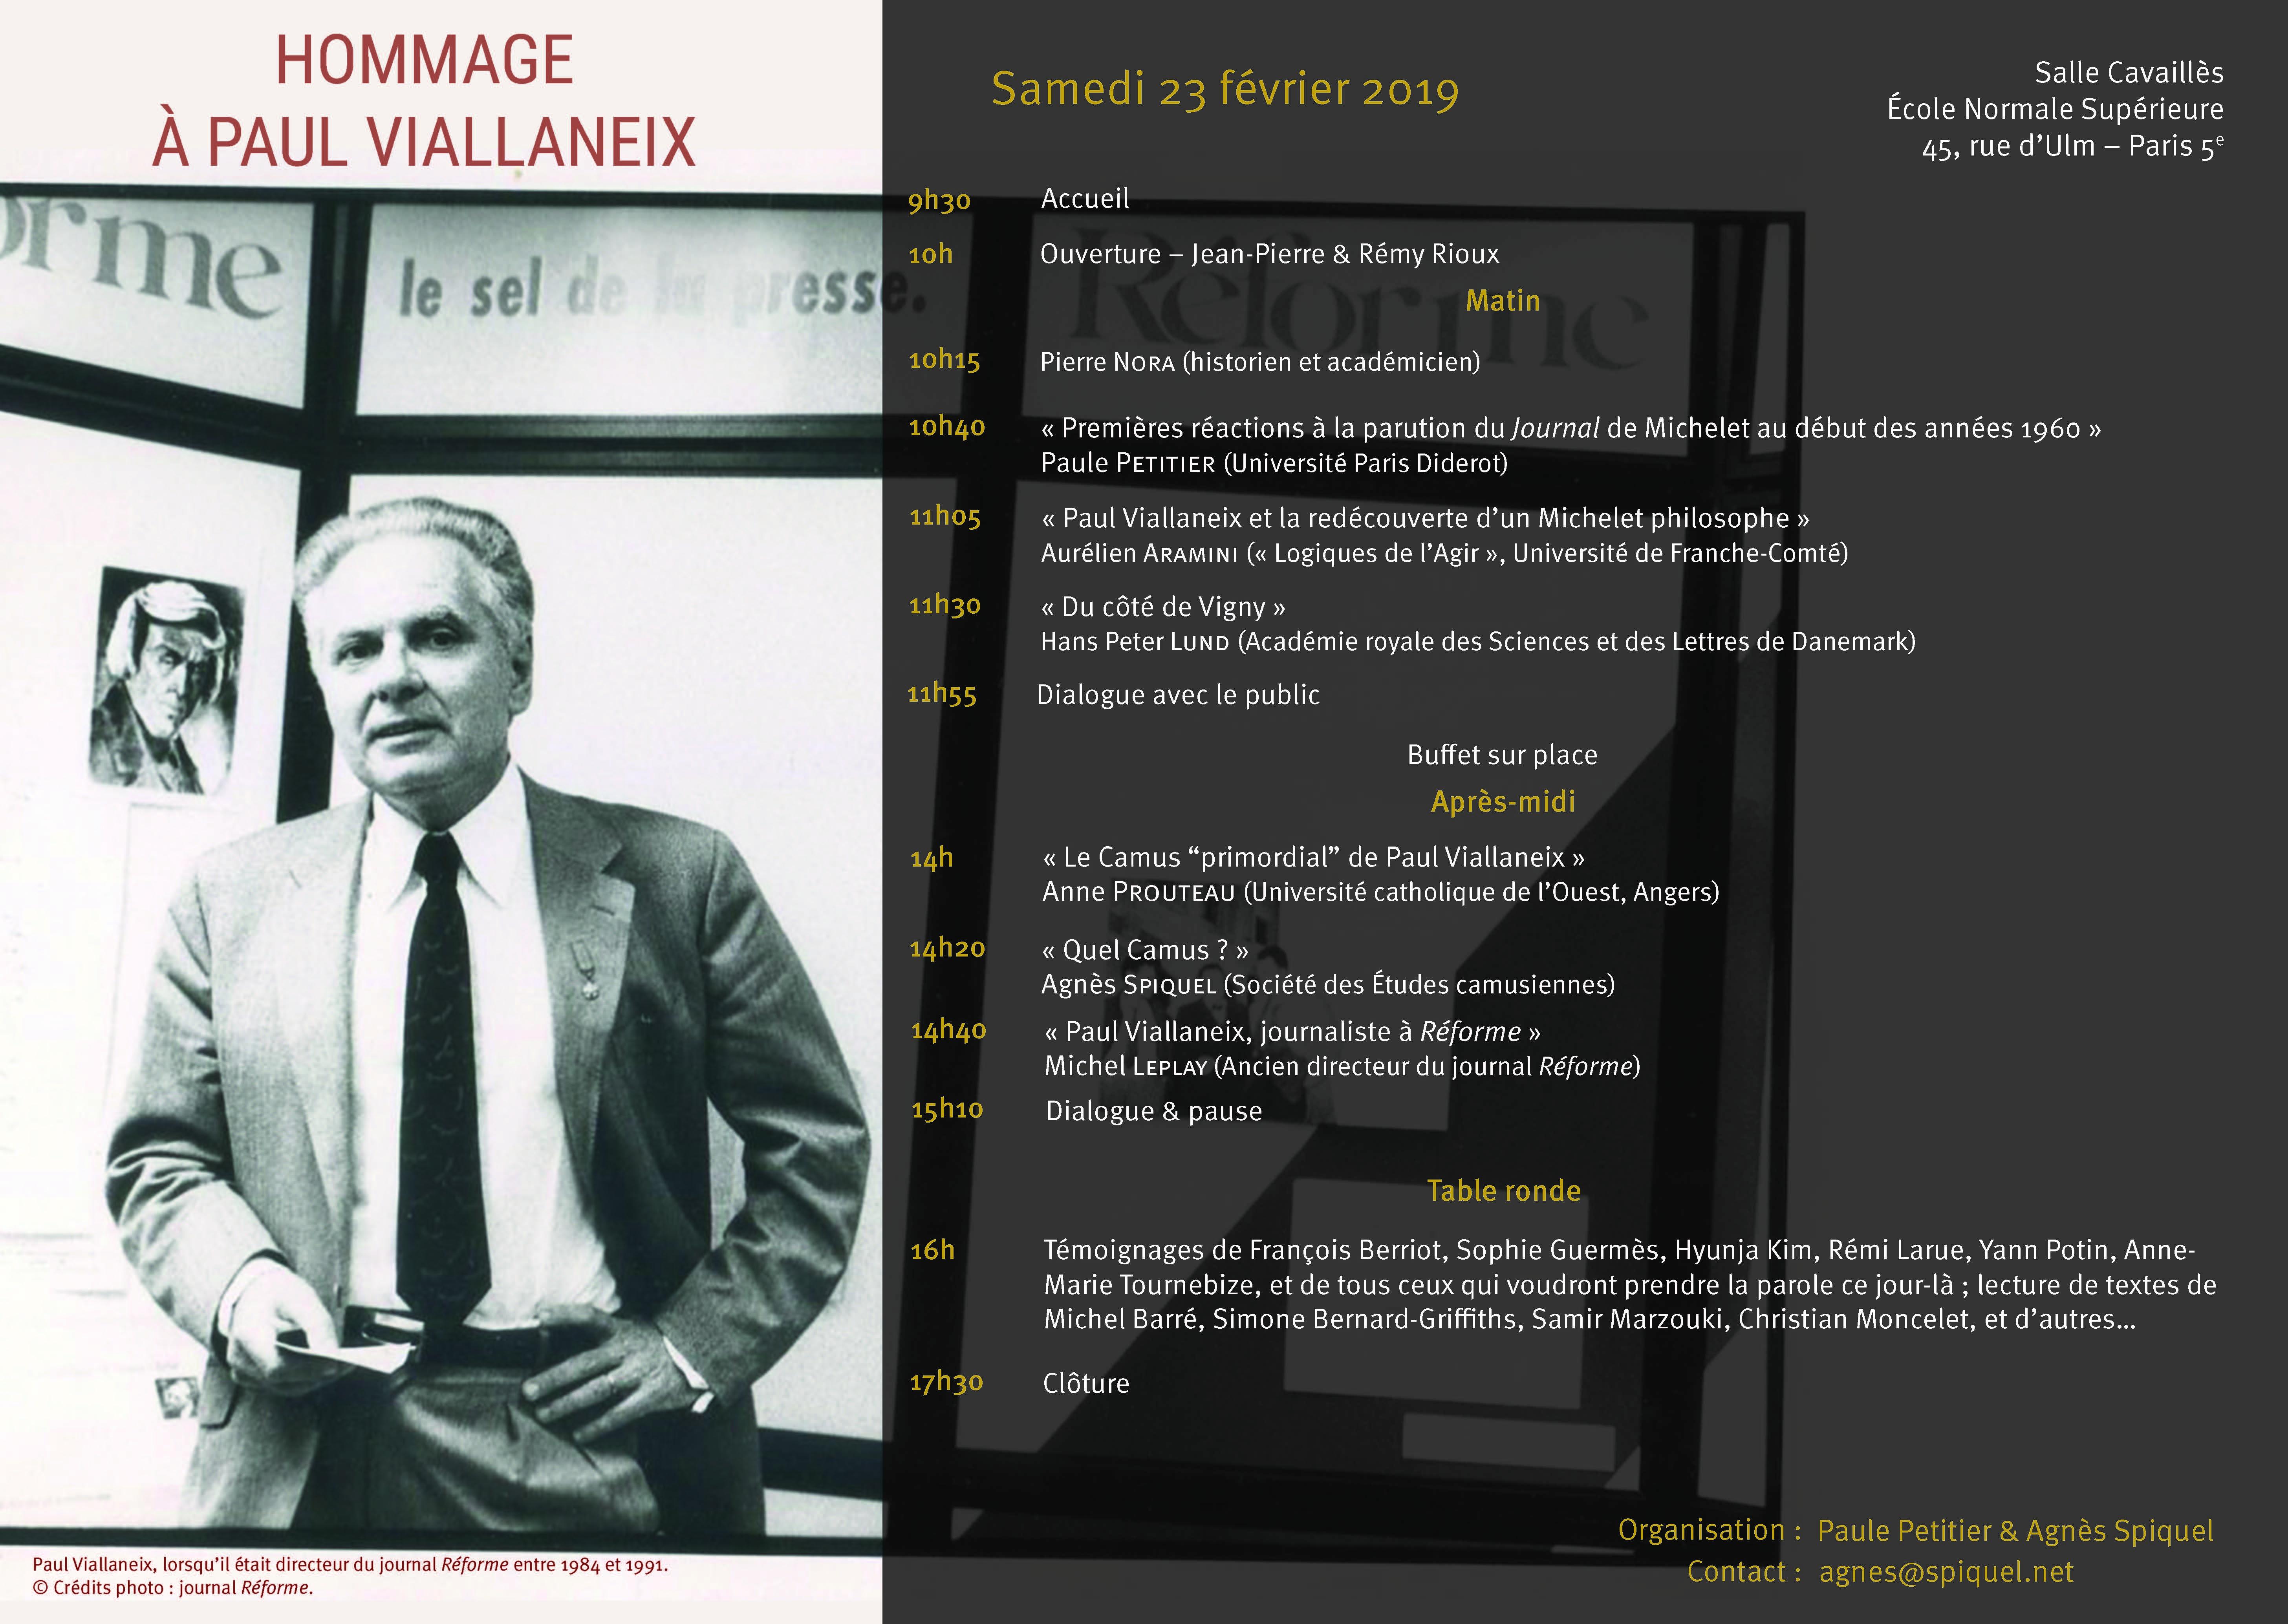 Hommage Viallaneix 23 février 2019 Programme